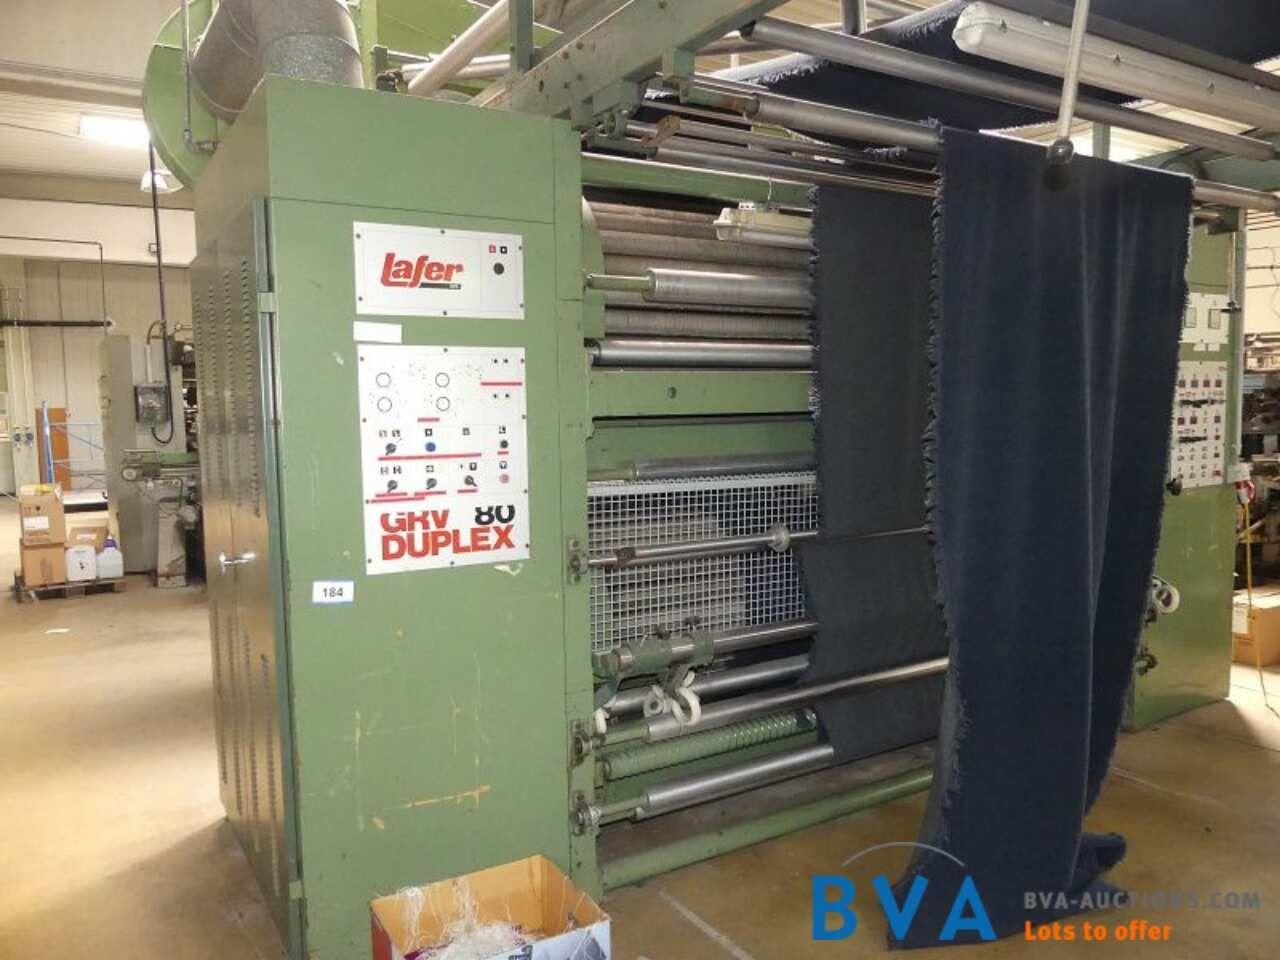 Durchlauf-Raumaschine Lafer GRV80-Duplex